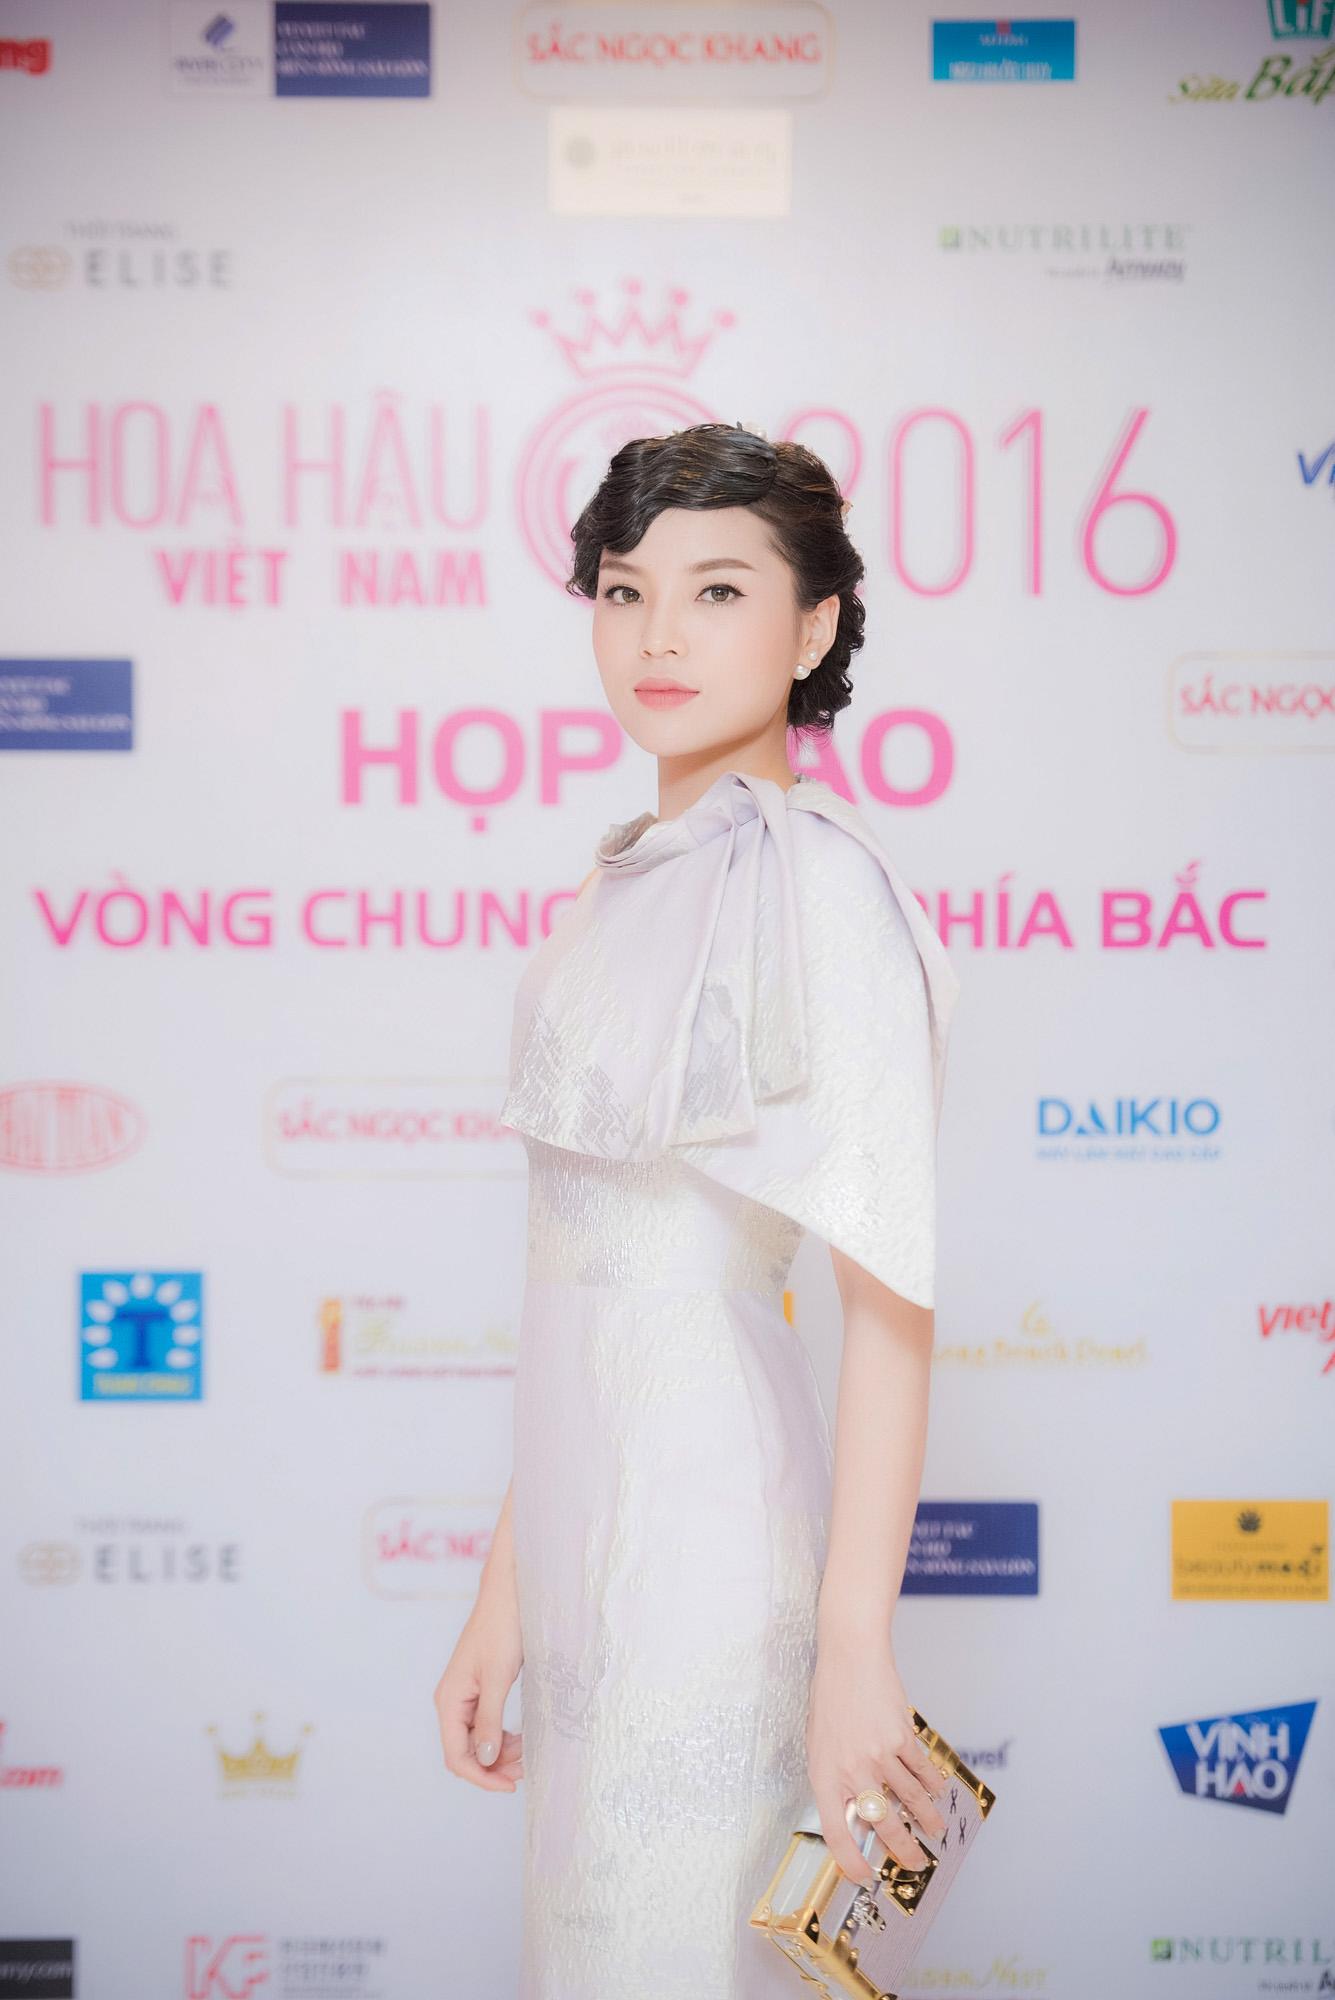 Hoa hậu Kỳ Duyên bị chê già đanh khi đi sự kiện 4